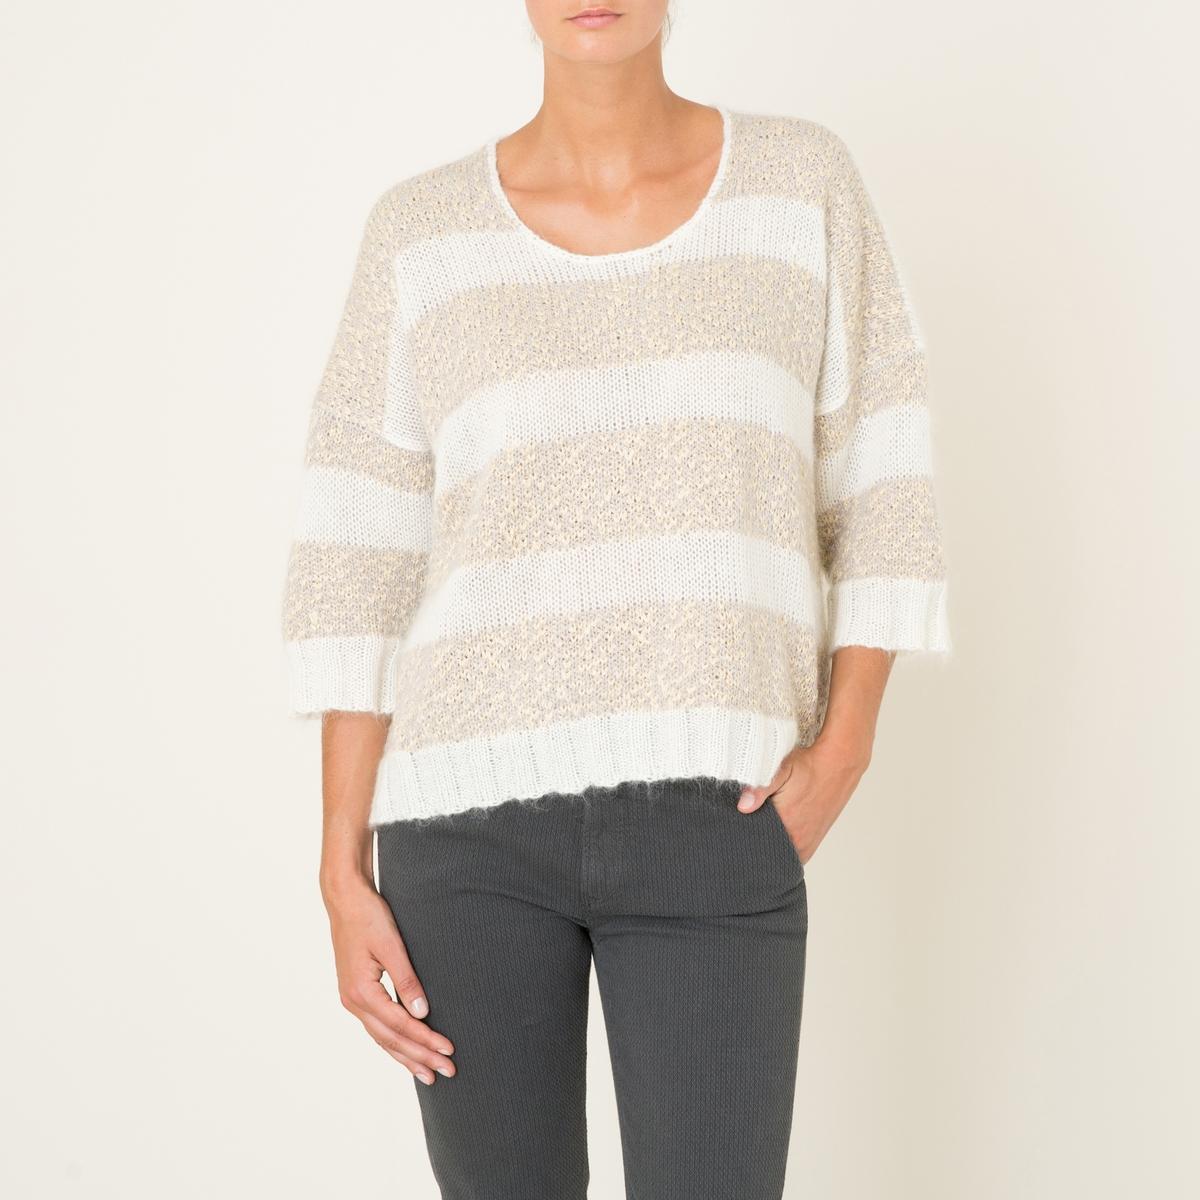 Пуловер TOUCANПуловер HARRIS WILSON - модель TOUCAN. Пуловер широкого покроя. Оригинальный двухцветный трикотаж. Свободный круглый вырез. Рукава 3/4. Края рукавов и низа связаны в рубчик 3x2. Состав и описание Материал : 40% полиамида, 30% мохера, 30% шерстиМарка : HARRIS WILSON<br><br>Цвет: экрю<br>Размер: L